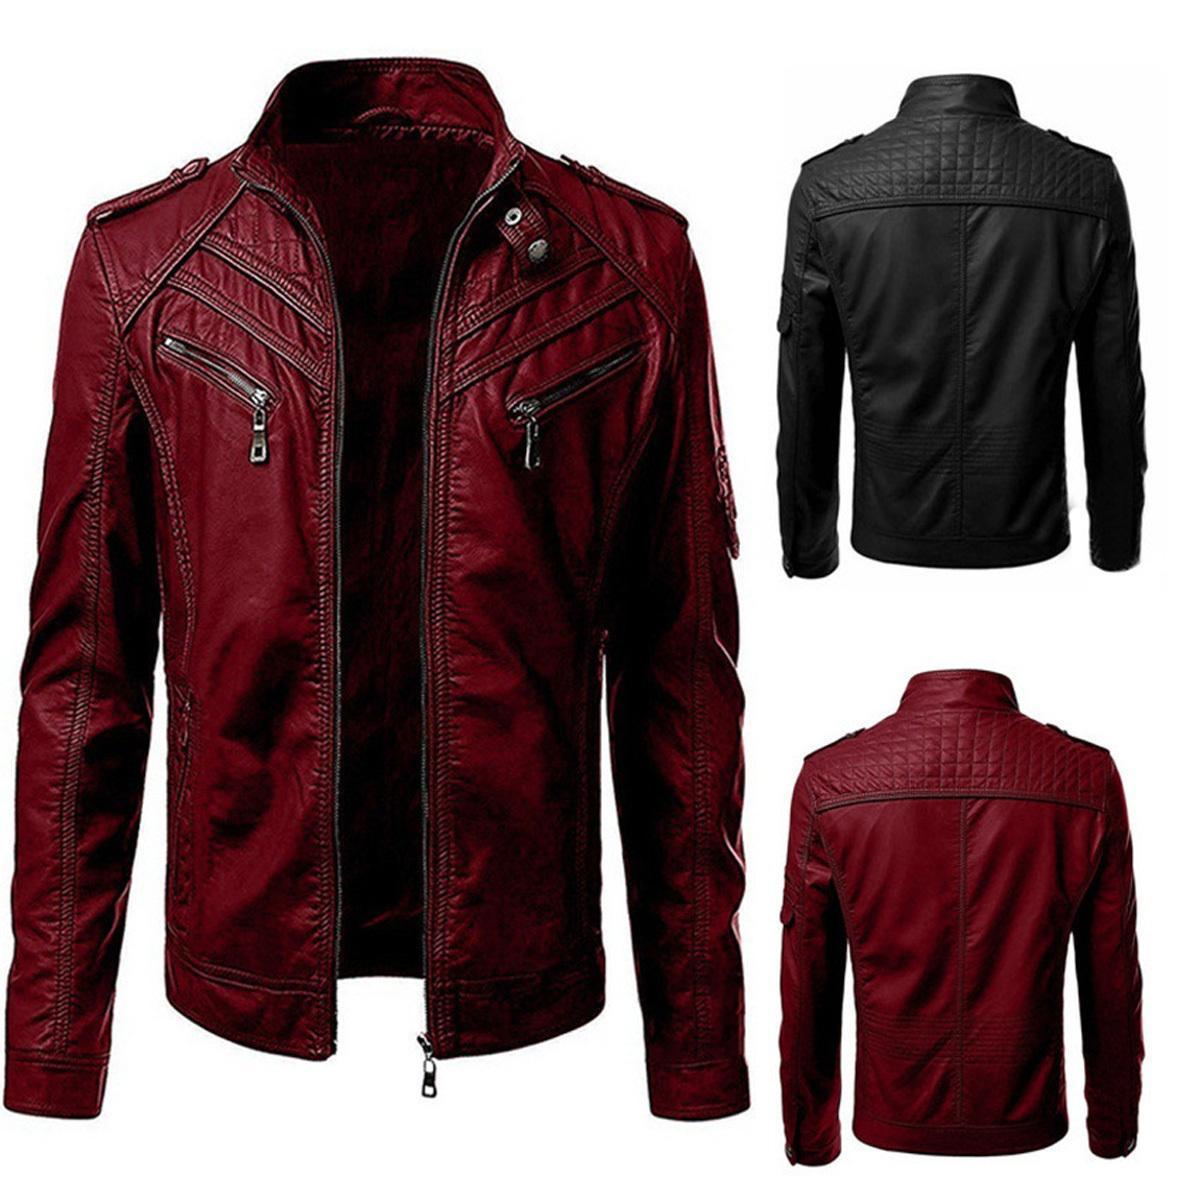 Veste en cuir d'automne pour hommes Slim Ajustement Stand Stand Collier Zipper PU Moto léger Manteau Locomotive Style Spring